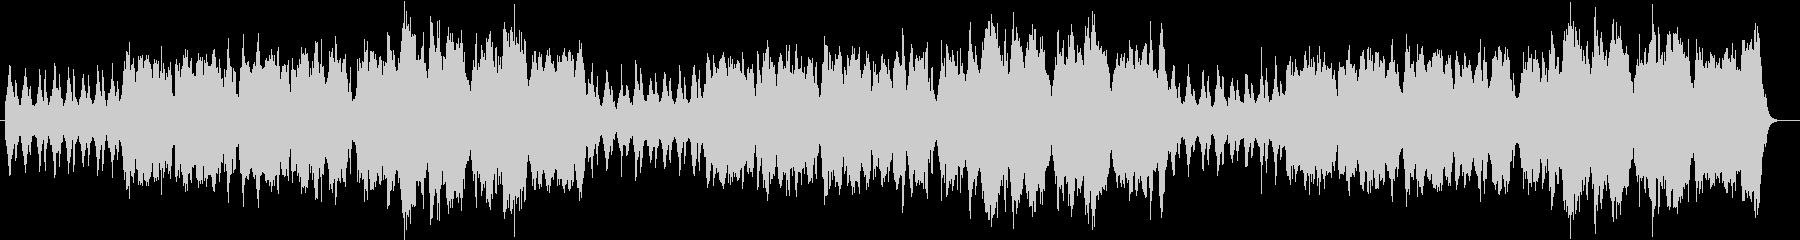 上品なゆったり感ピアノ・オルガンサウンドの未再生の波形